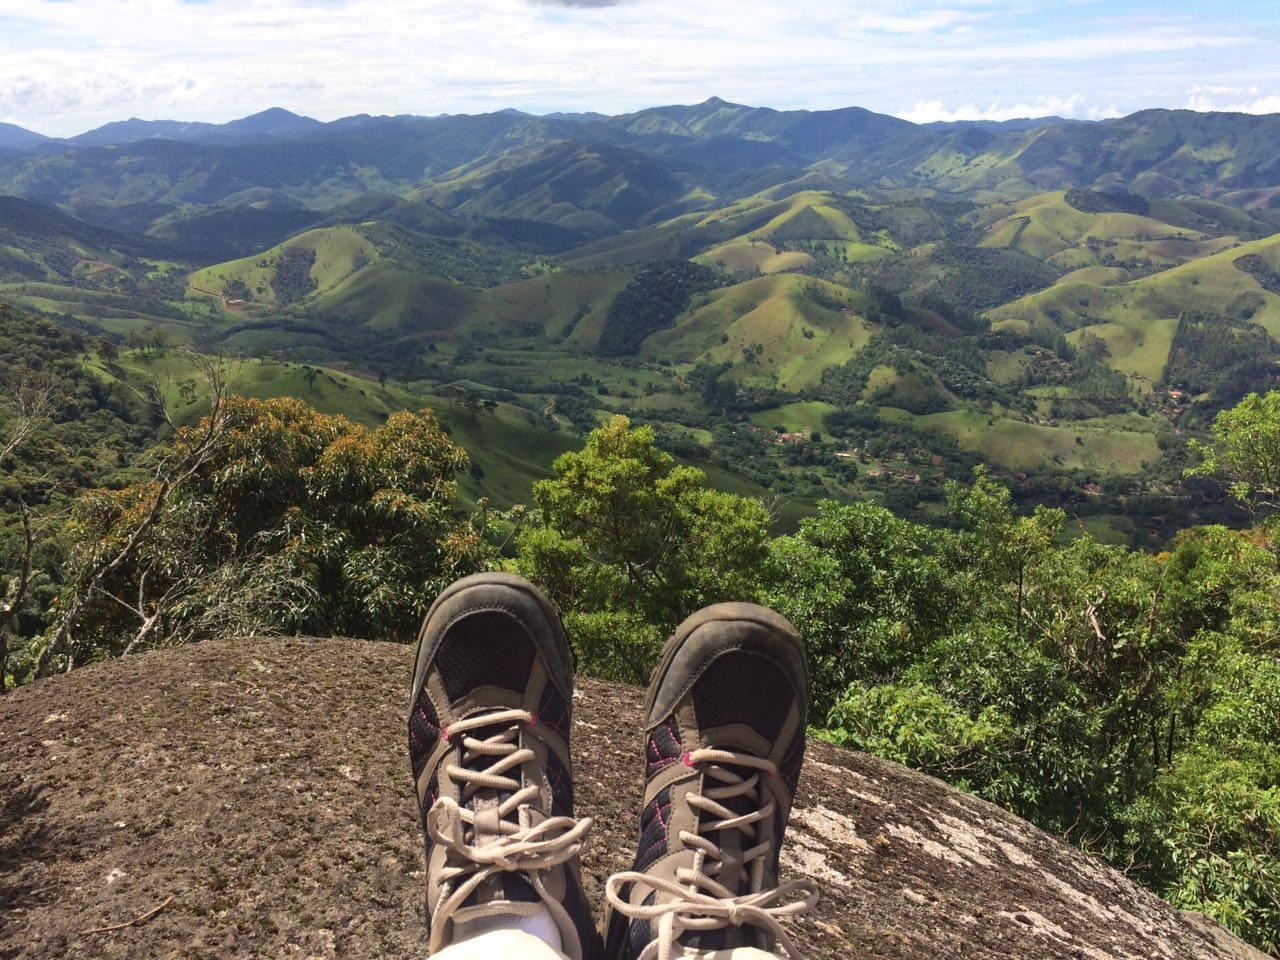 In en ontspanning in de natuur